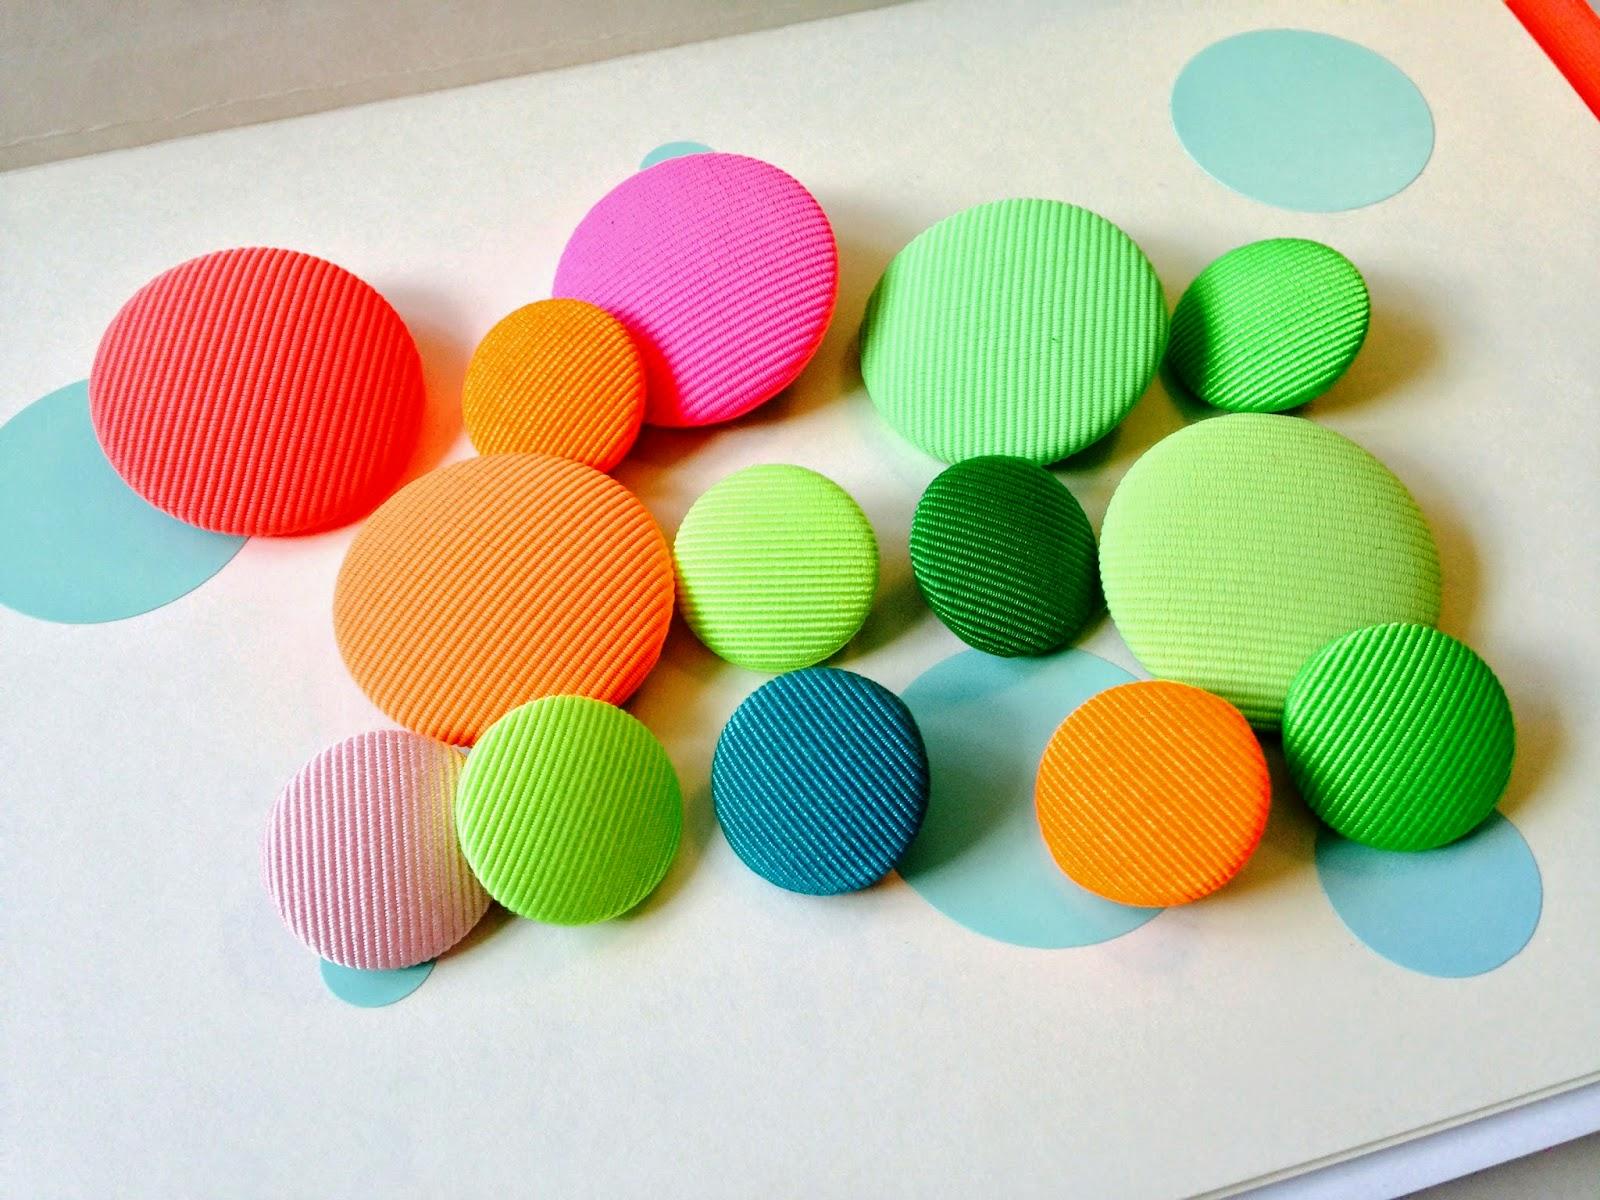 Skønne astor stofknapper i mange farver og i 2 forskellige størrelser.